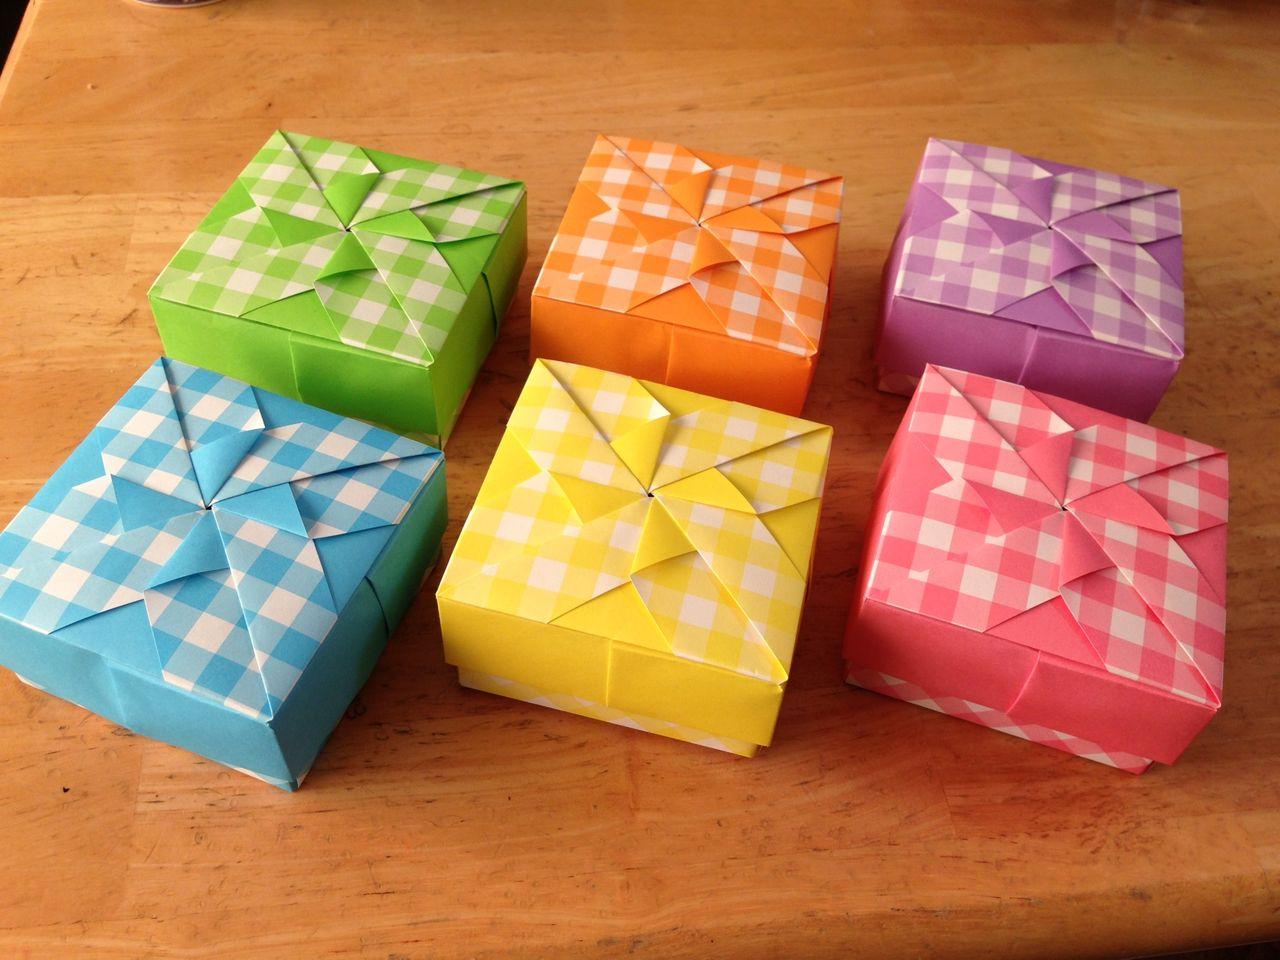 すべての折り紙 紙の箱の折り方 : 布施知子 著 『箱をつくろう ...